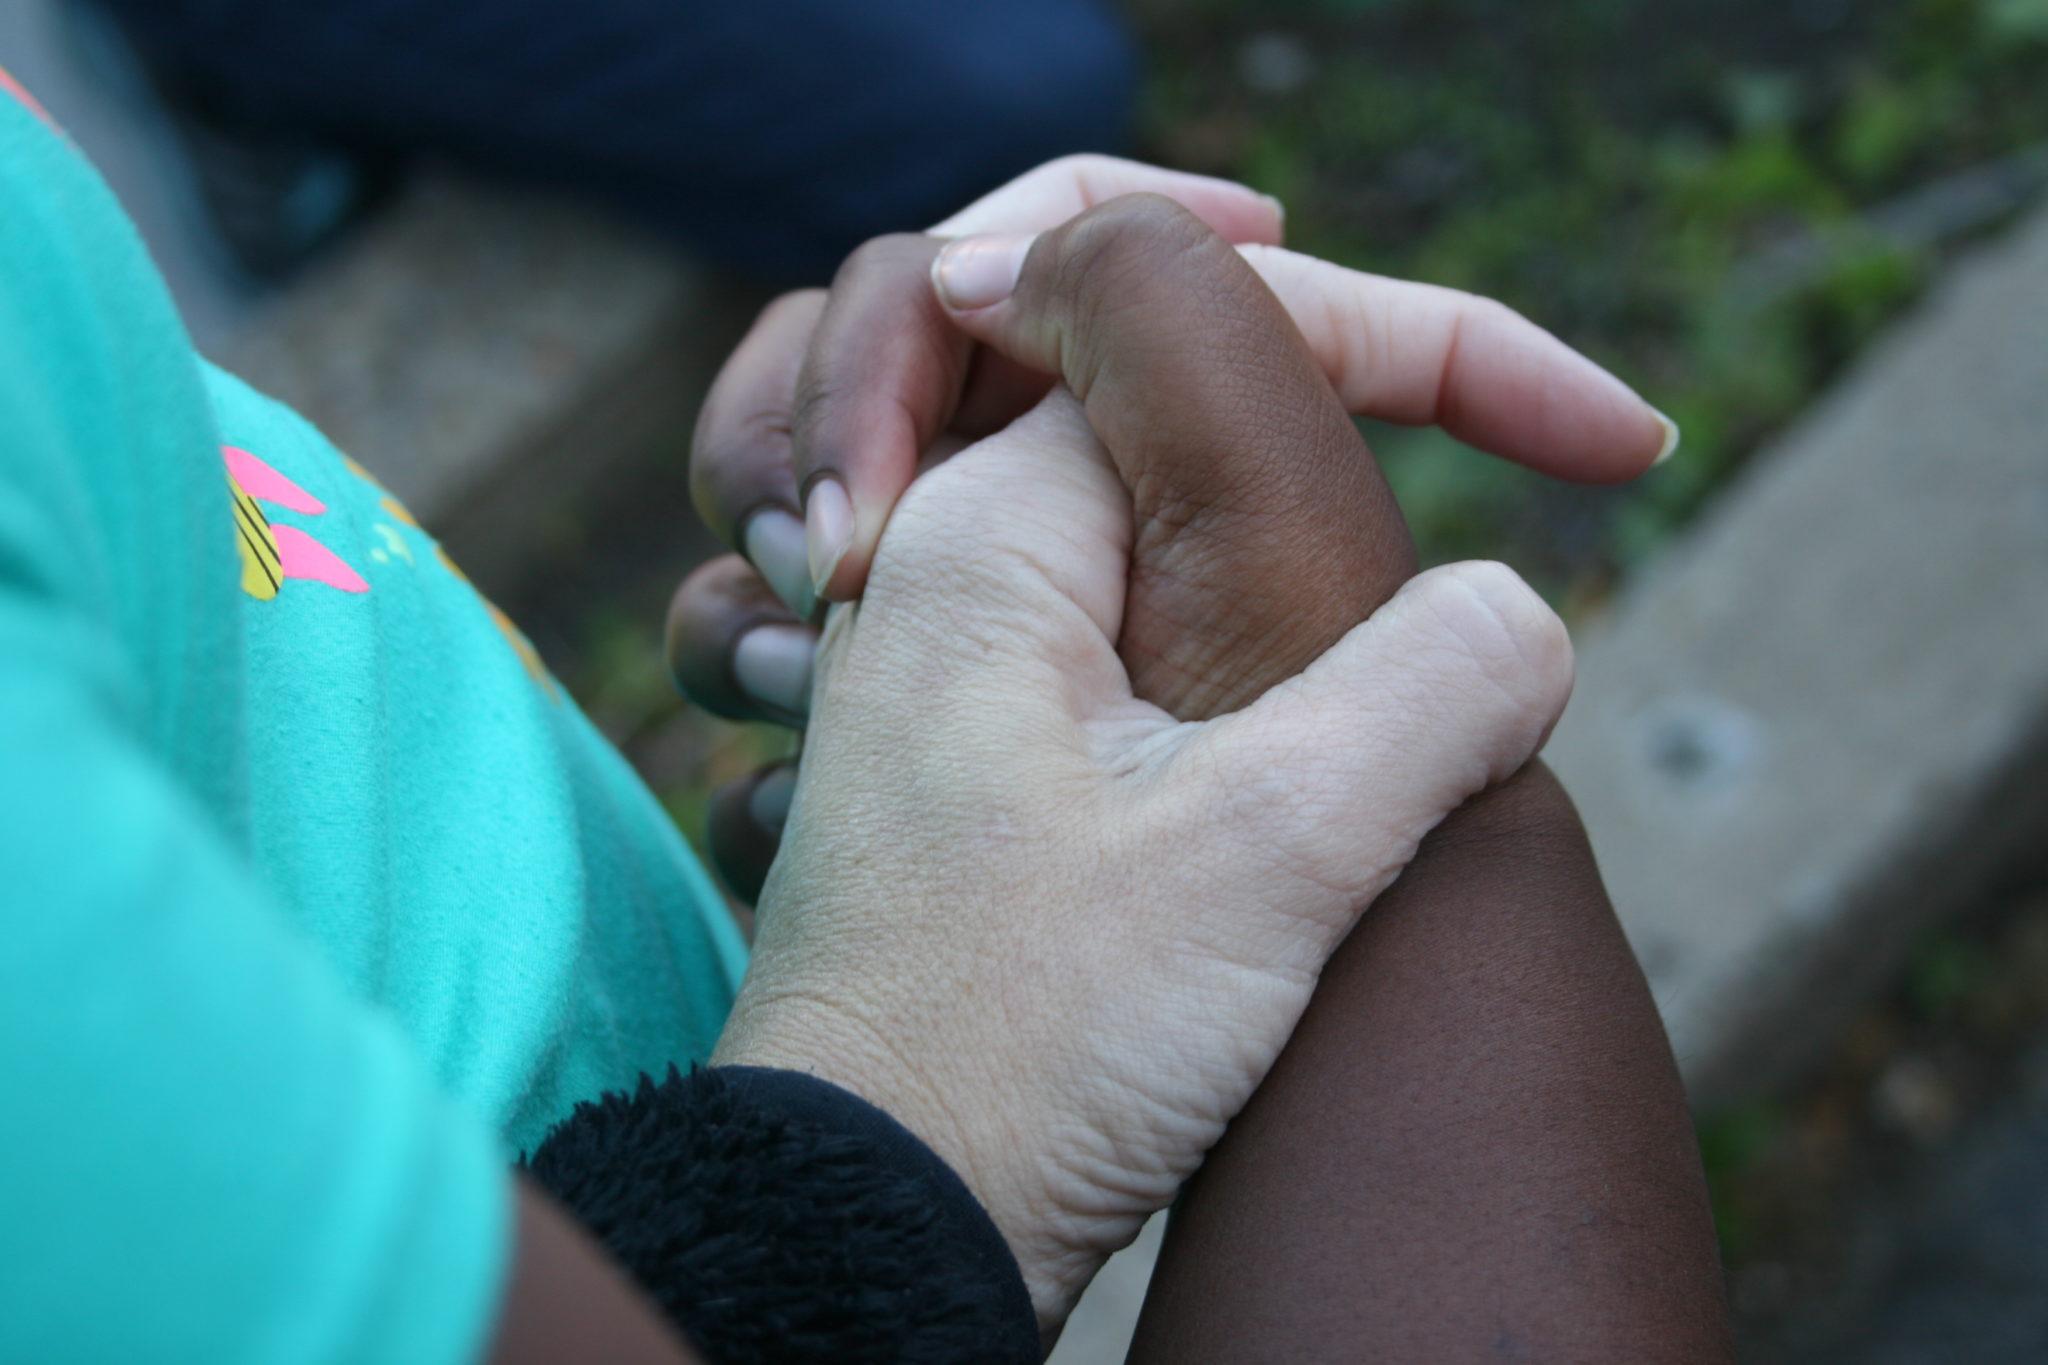 Cuando no hacemos nada frente al racismo y la brutalidad, representamos a Amy Cooper y a Derek Chauvin. Nos volvemos cómplices.